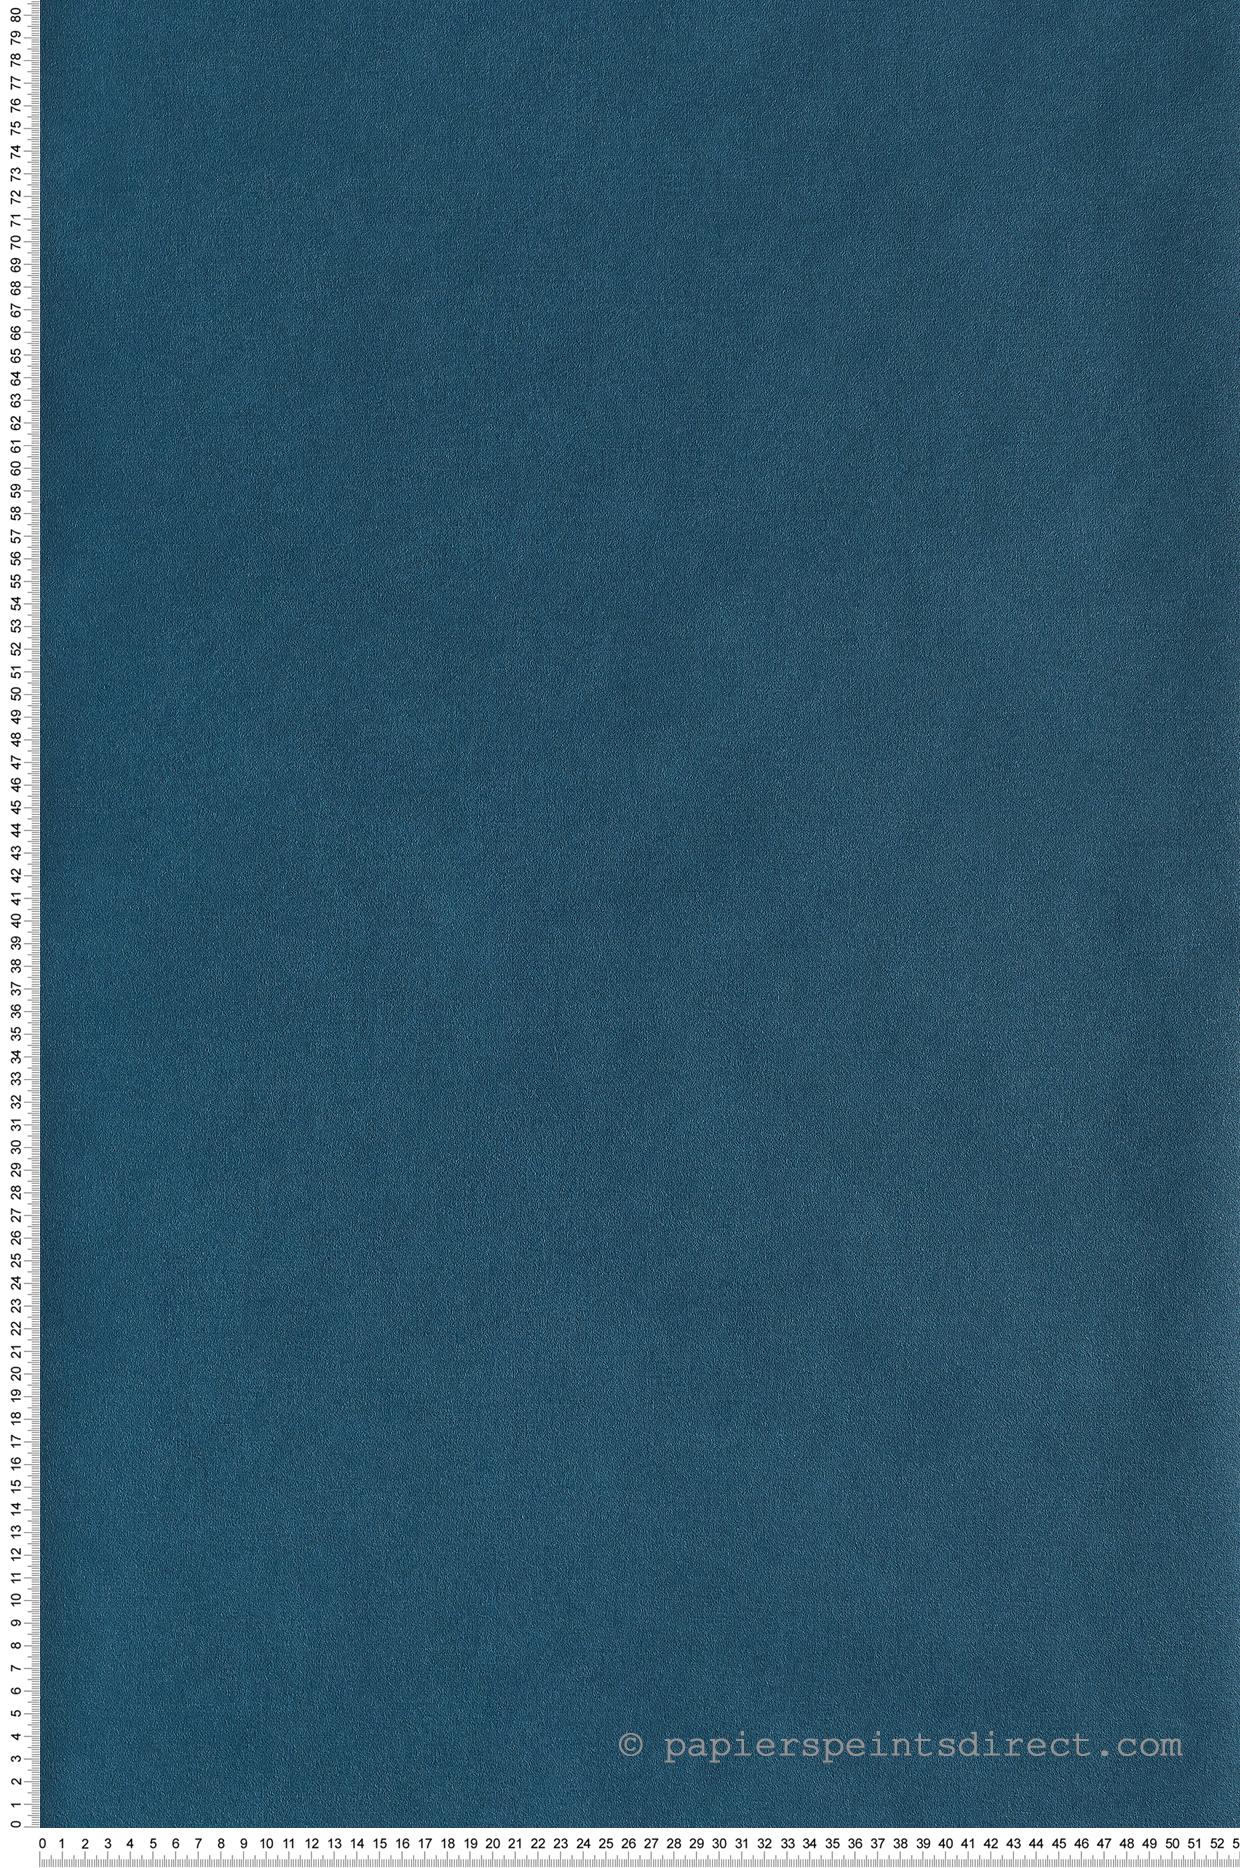 Papier peint Uni bleu canard - Spaces de Casélio   Réf. SPA64526060